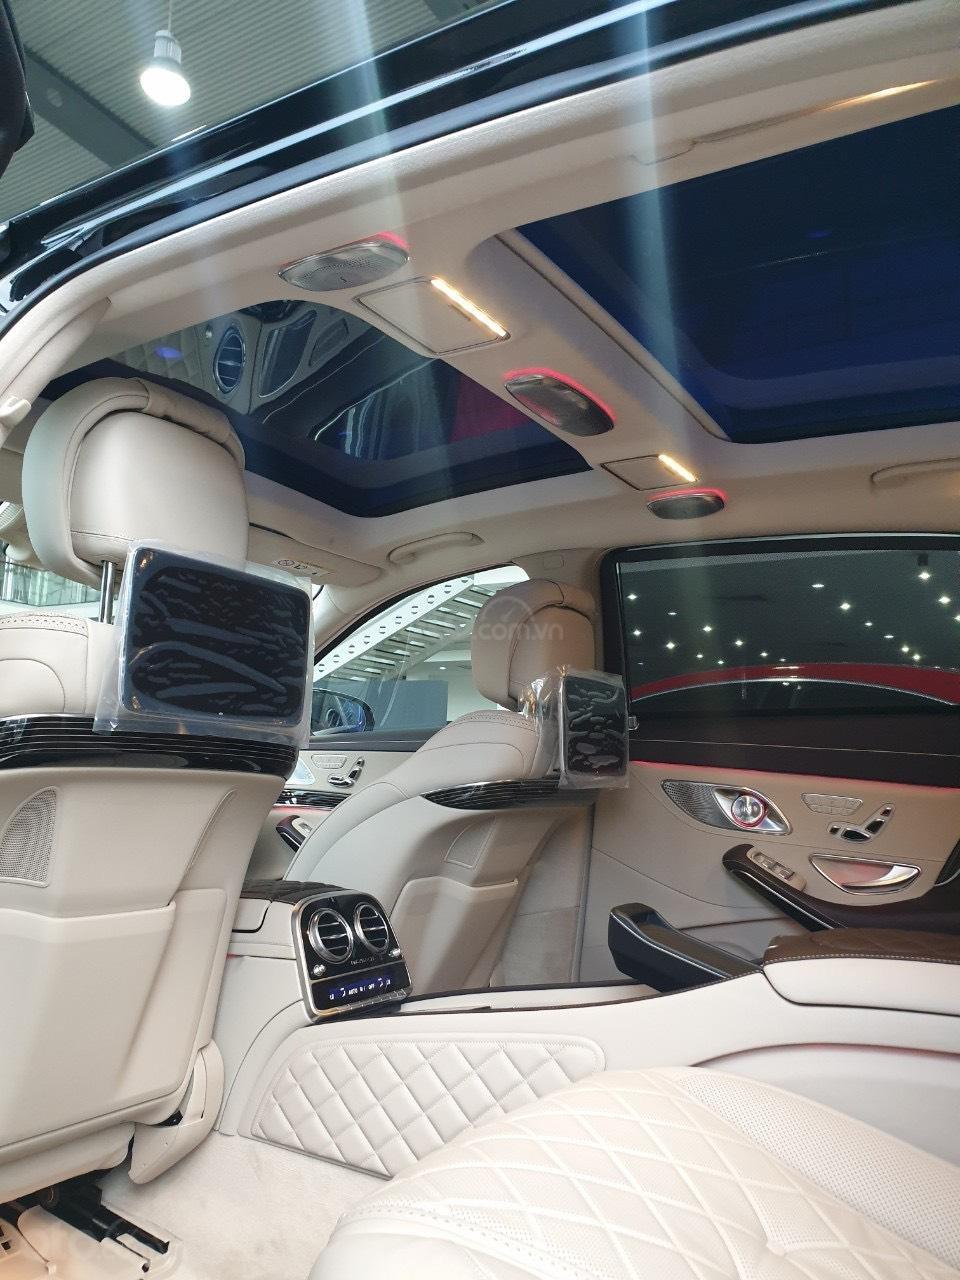 Bán Mercedes Maybach S560 hàng khủng, độc đáo đã về tới Showroom (8)